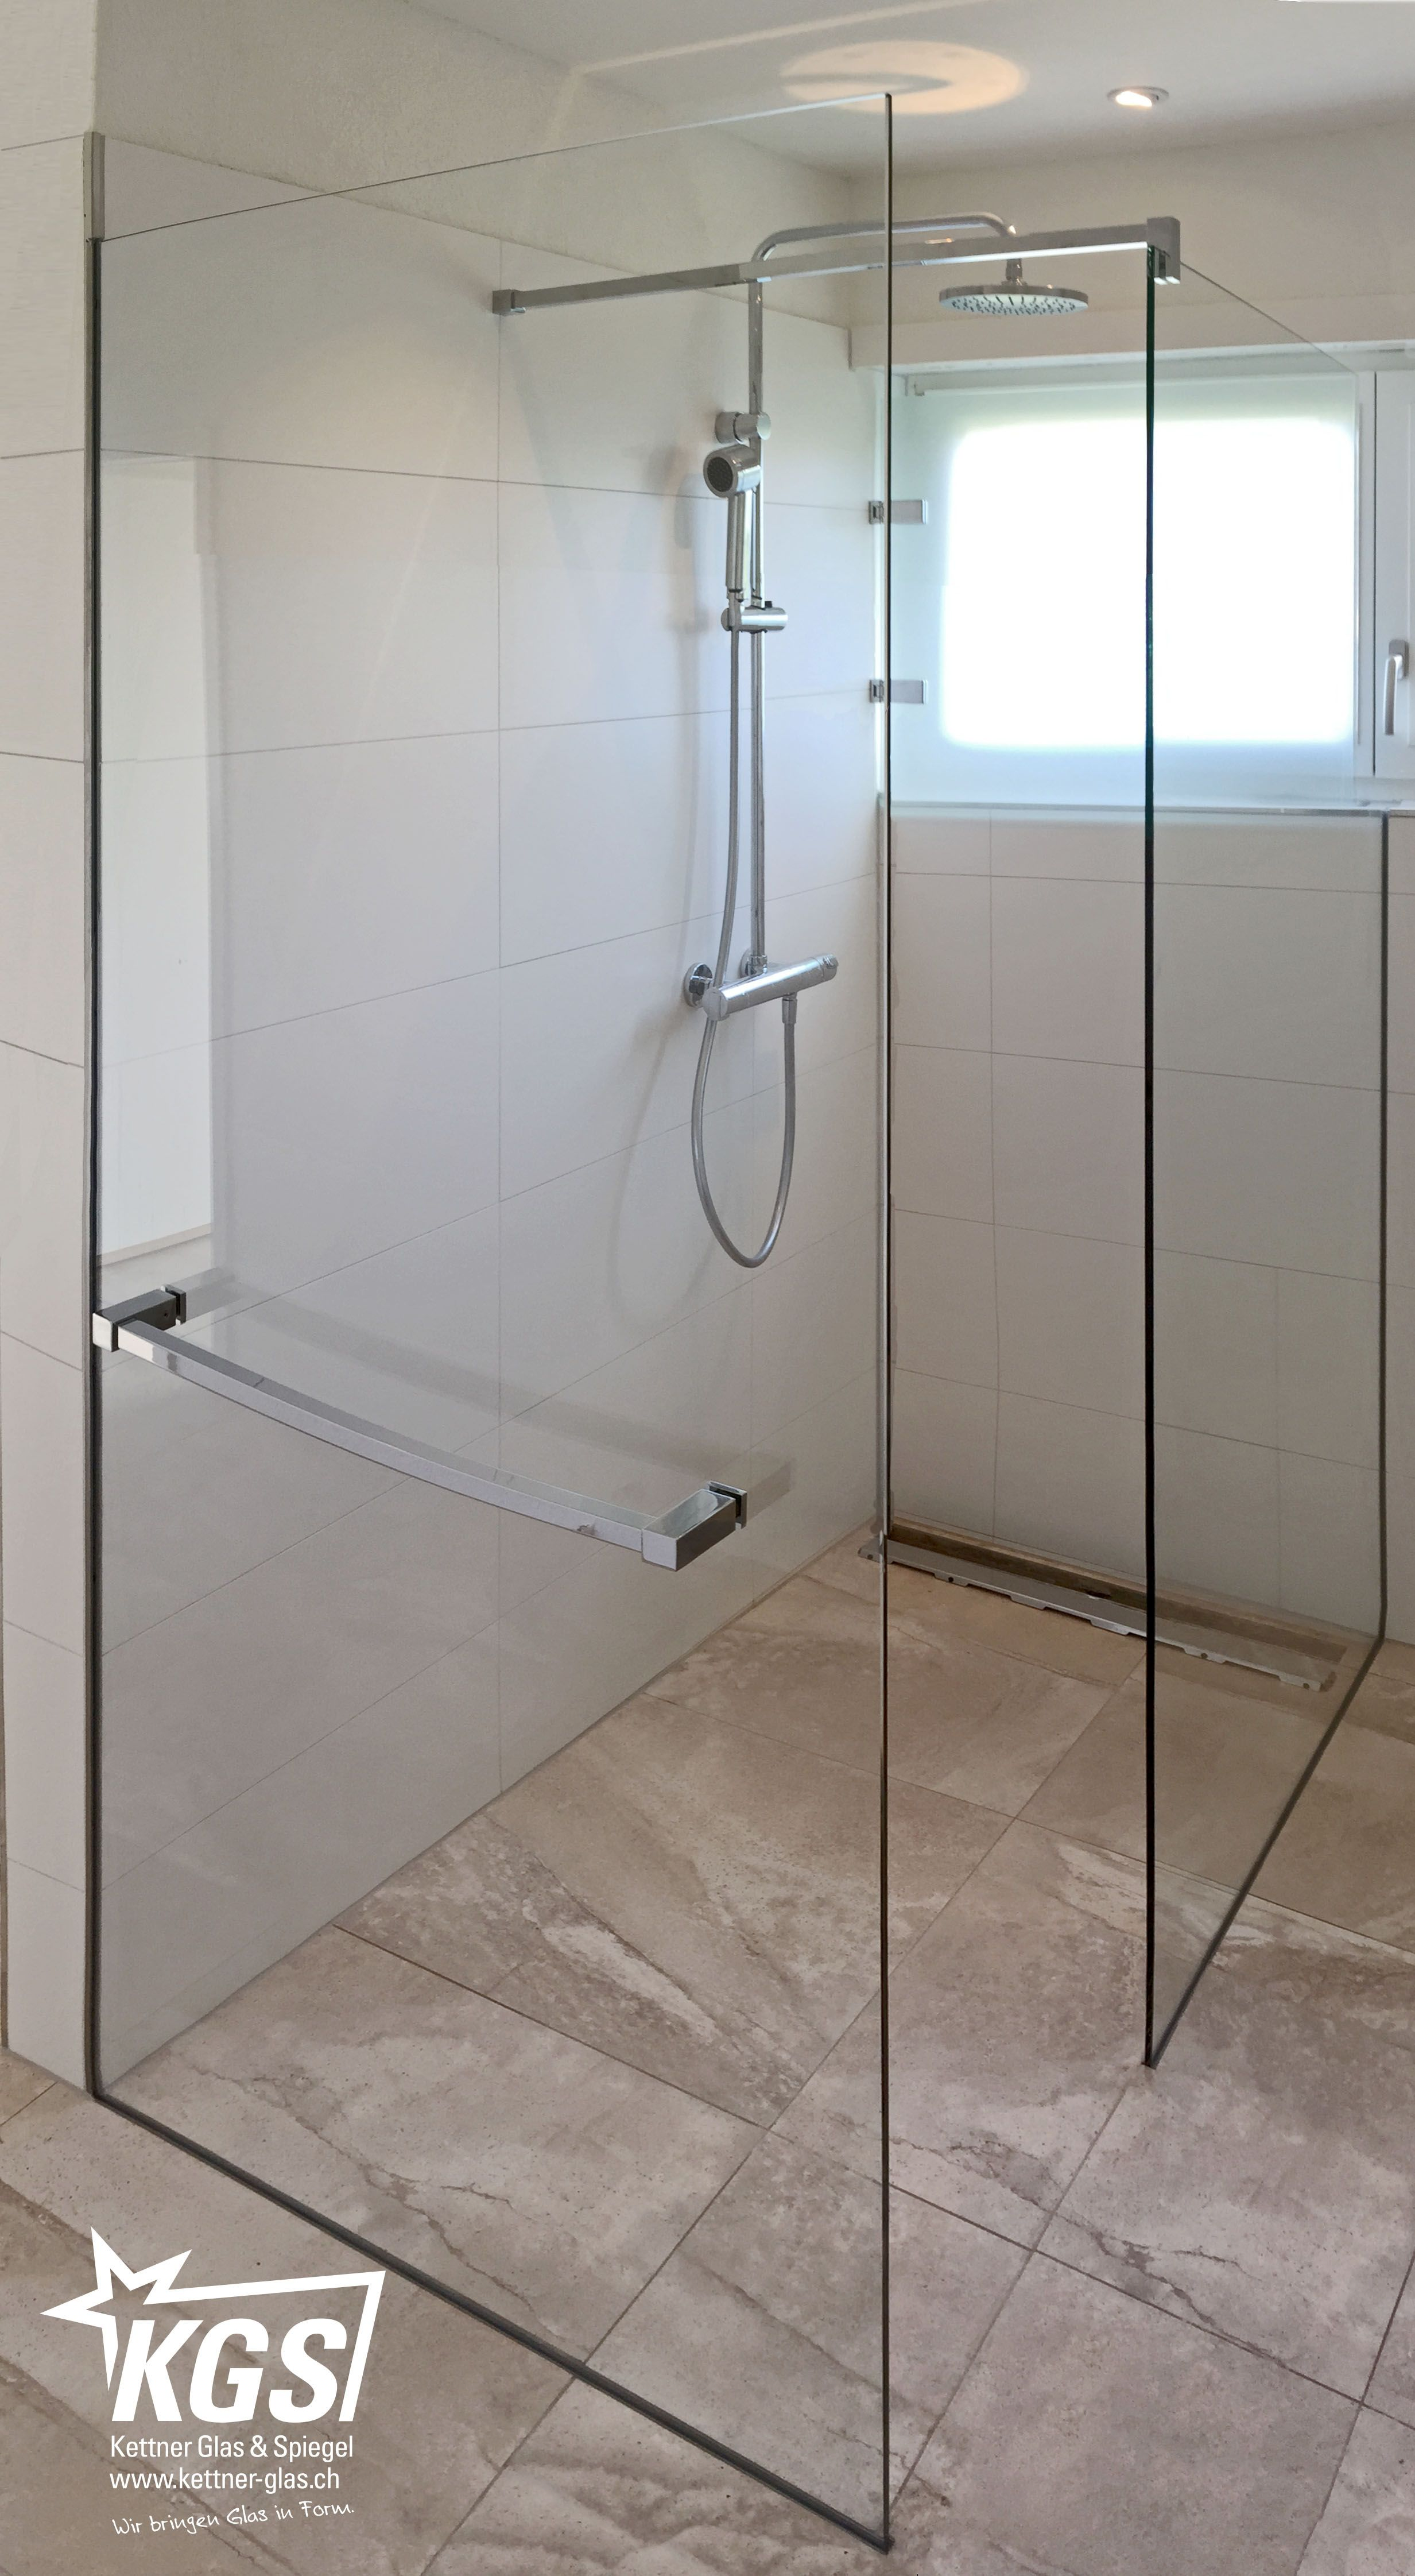 Walkin Dusche Mit Handtuchhalter Von Ihrer Glaserei Eine Walk In Lösung Ist Für Alle Duschfans Ein Besonderes Erlebn Dusche Moderne Dusche Walk In Dusche